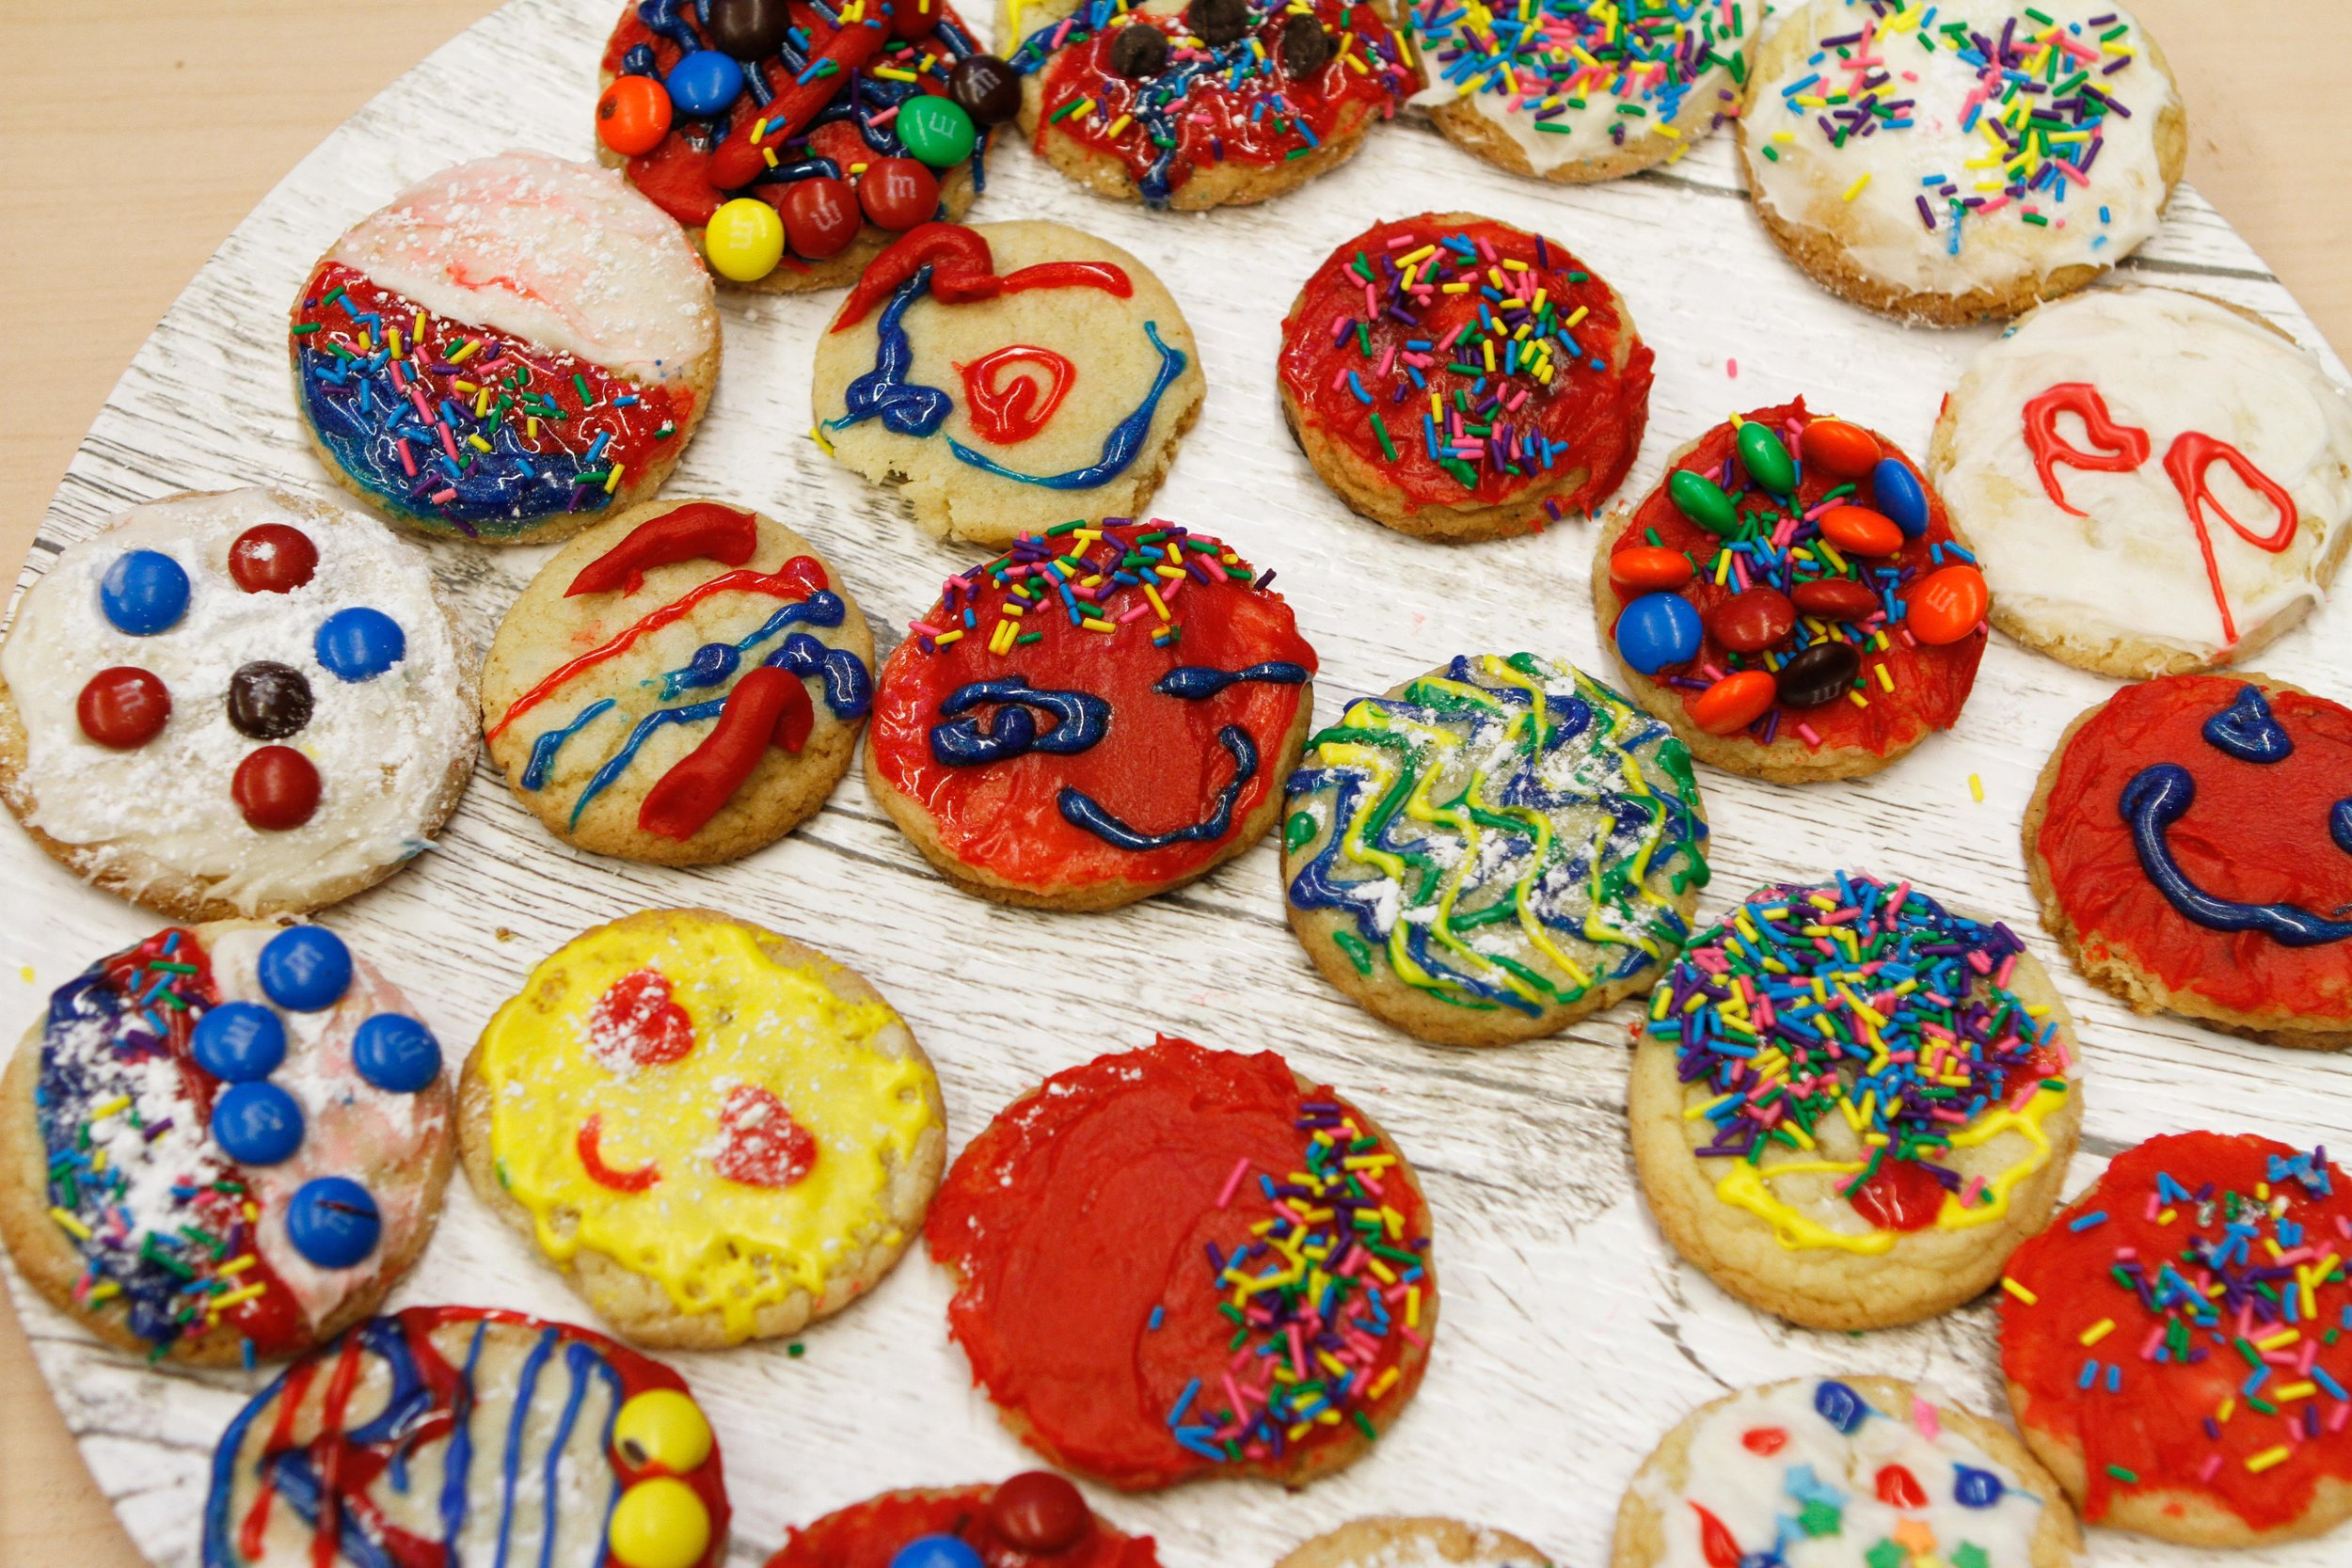 brightcookiesgod-8060.jpg